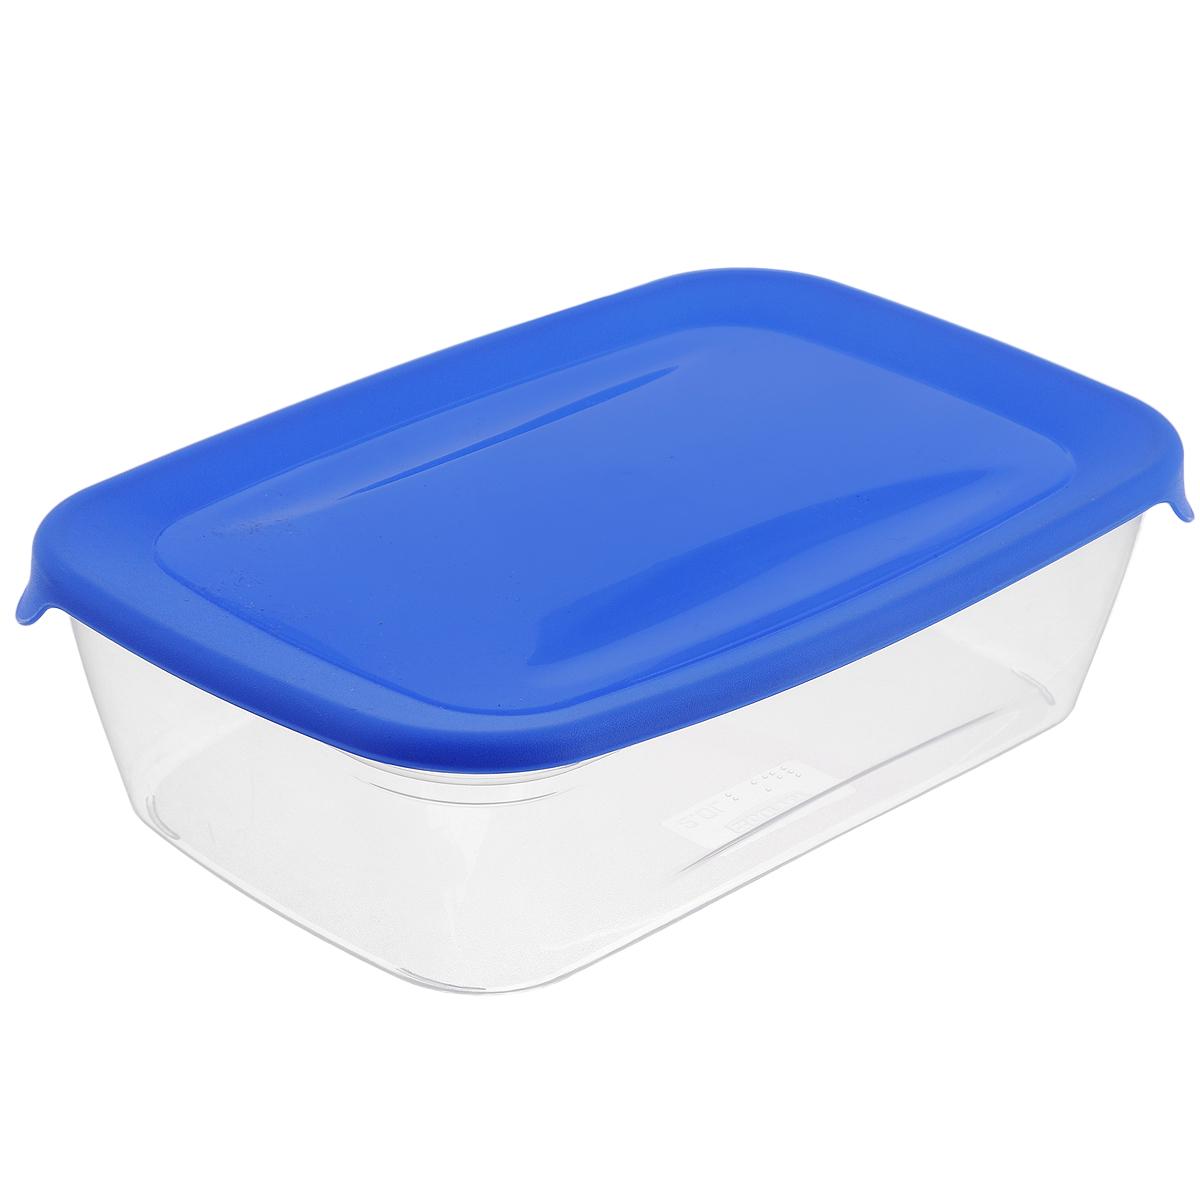 Емкость для заморозки и СВЧ Curver Fresh & Go, цвет: синий, 2 л00555-139-01Прямоугольная емкость для заморозки и СВЧ Curver Fresh & Go изготовлена из высококачественного пищевого пластика (BPA free), который выдерживает температуру от -40°С до +100°С. Стенки емкости прозрачные, а крышка цветная. Она плотно закрывается, дольше сохраняя продукты свежими и вкусными. Емкость удобно брать с собой на работу, учебу, пикник или просто использовать для хранения пищи в холодильнике. Можно использовать в микроволновой печи и для заморозки в морозильной камере. Можно мыть в посудомоечной машине.